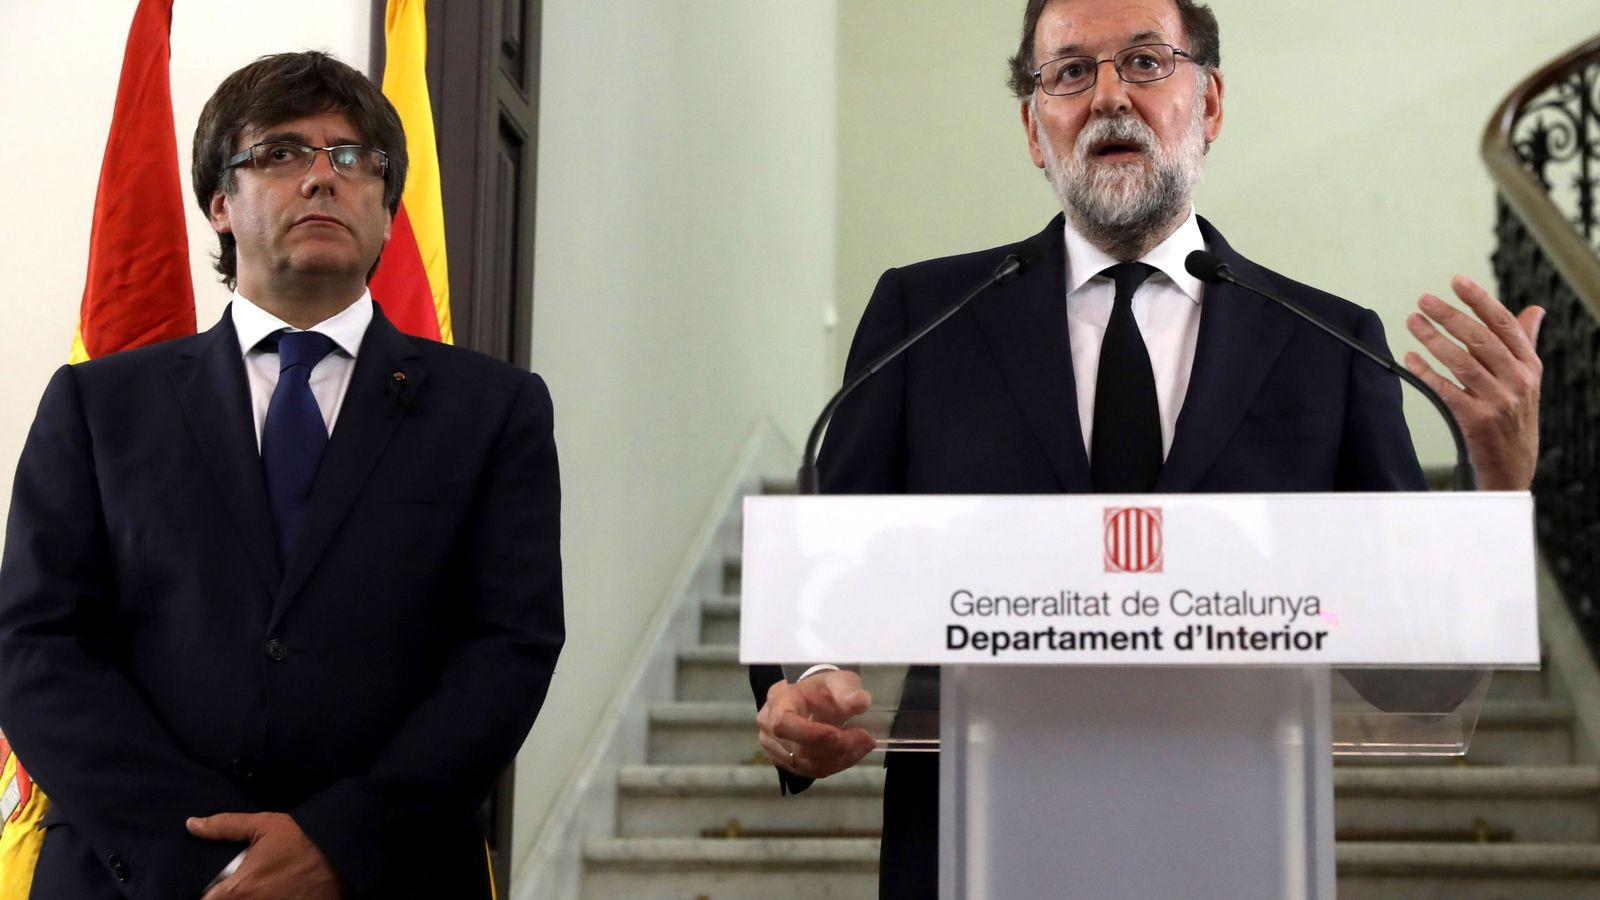 Foto: Puigdemont y Rajoy en la comparecencia pública. (EFE)